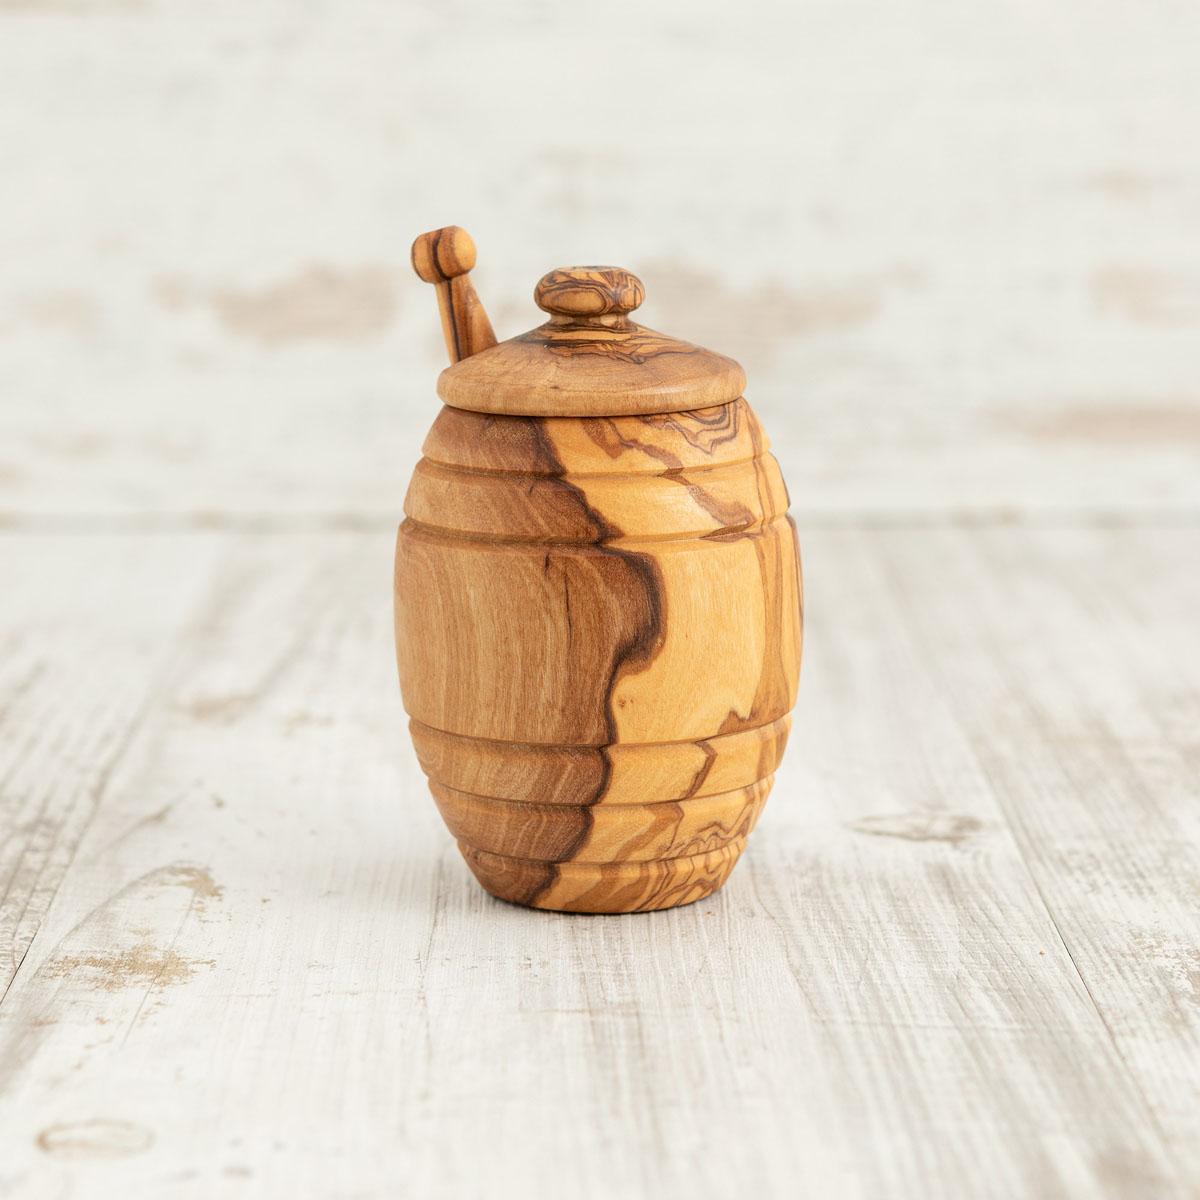 Barattolo miele + smielatore in legno di ulivo - Arte Legno